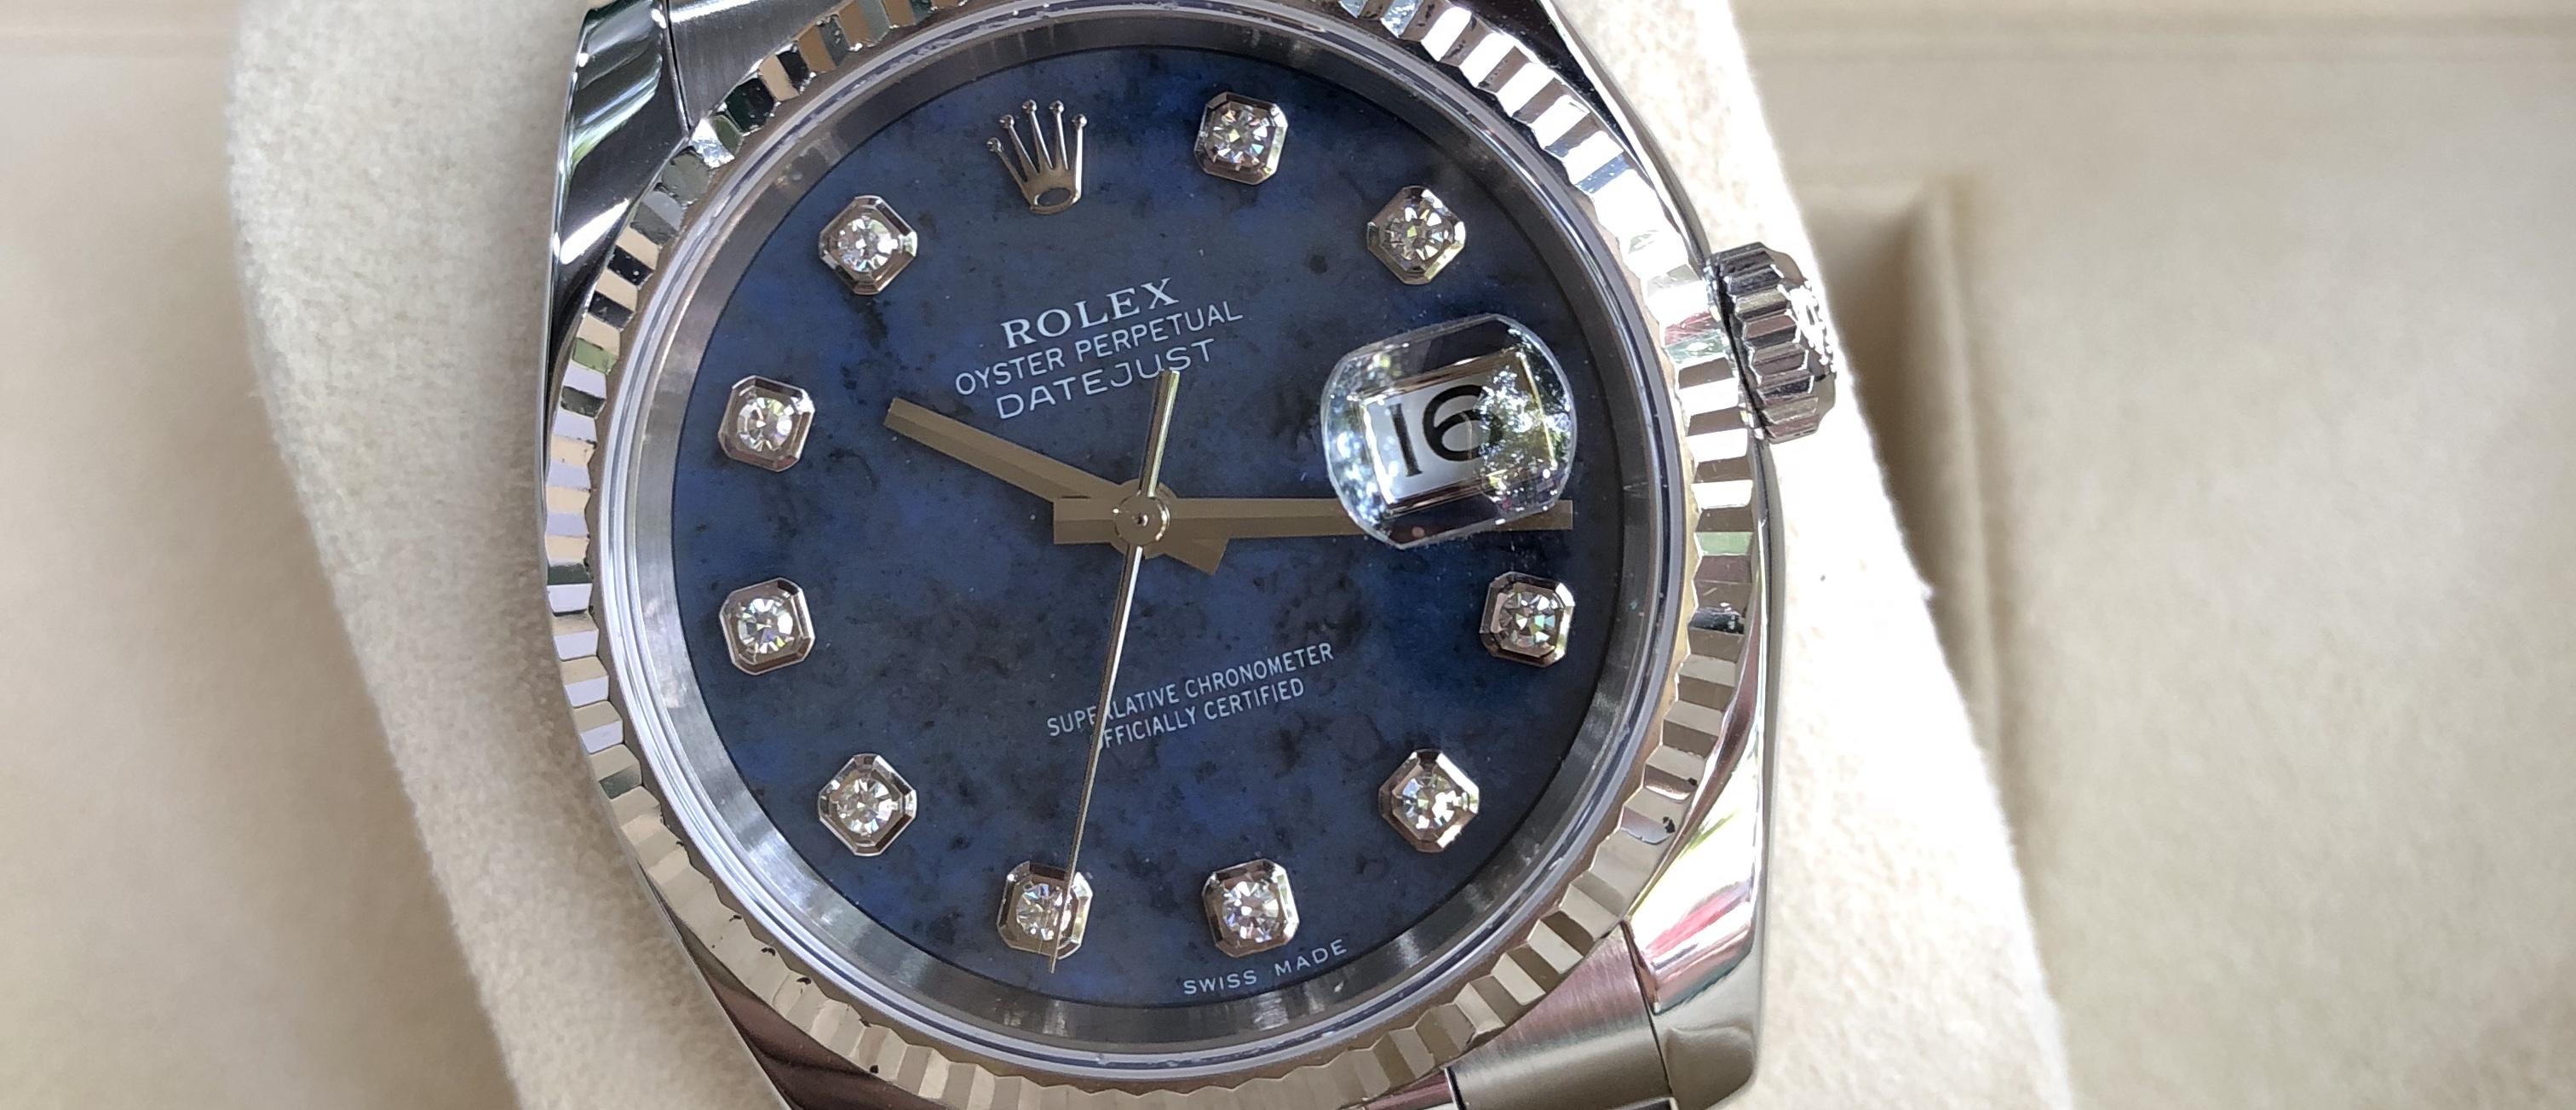 Rolex 116234 mặt đá xanh cực hiếm sản xuất năm 2005-5